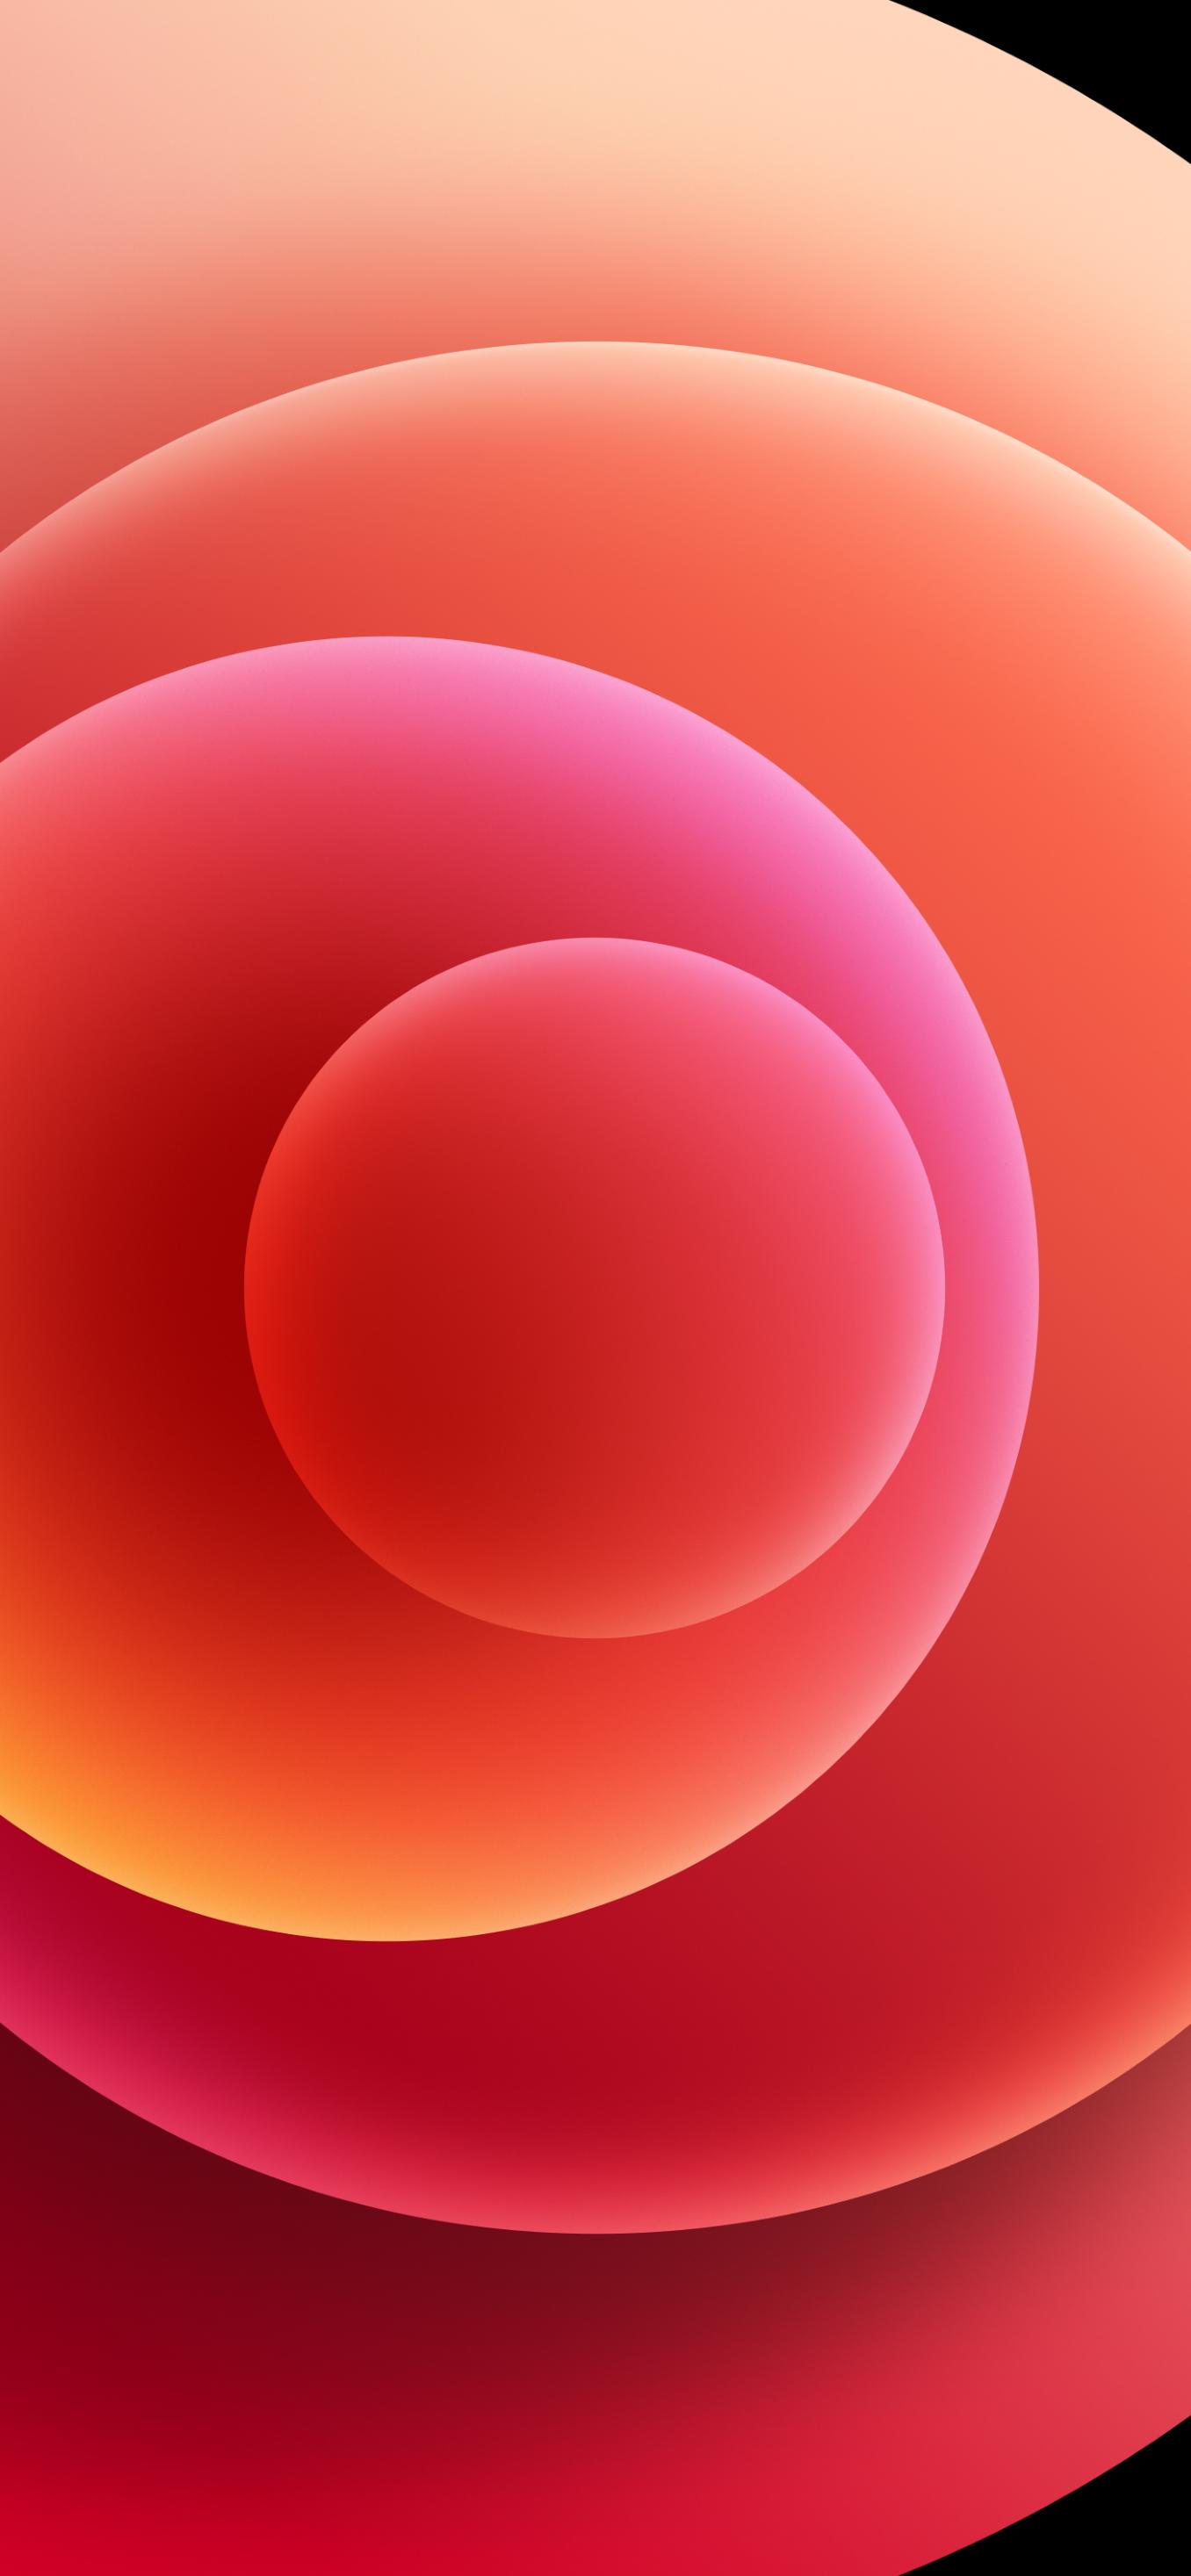 Hình nền iPhone 12 đỏ sáng